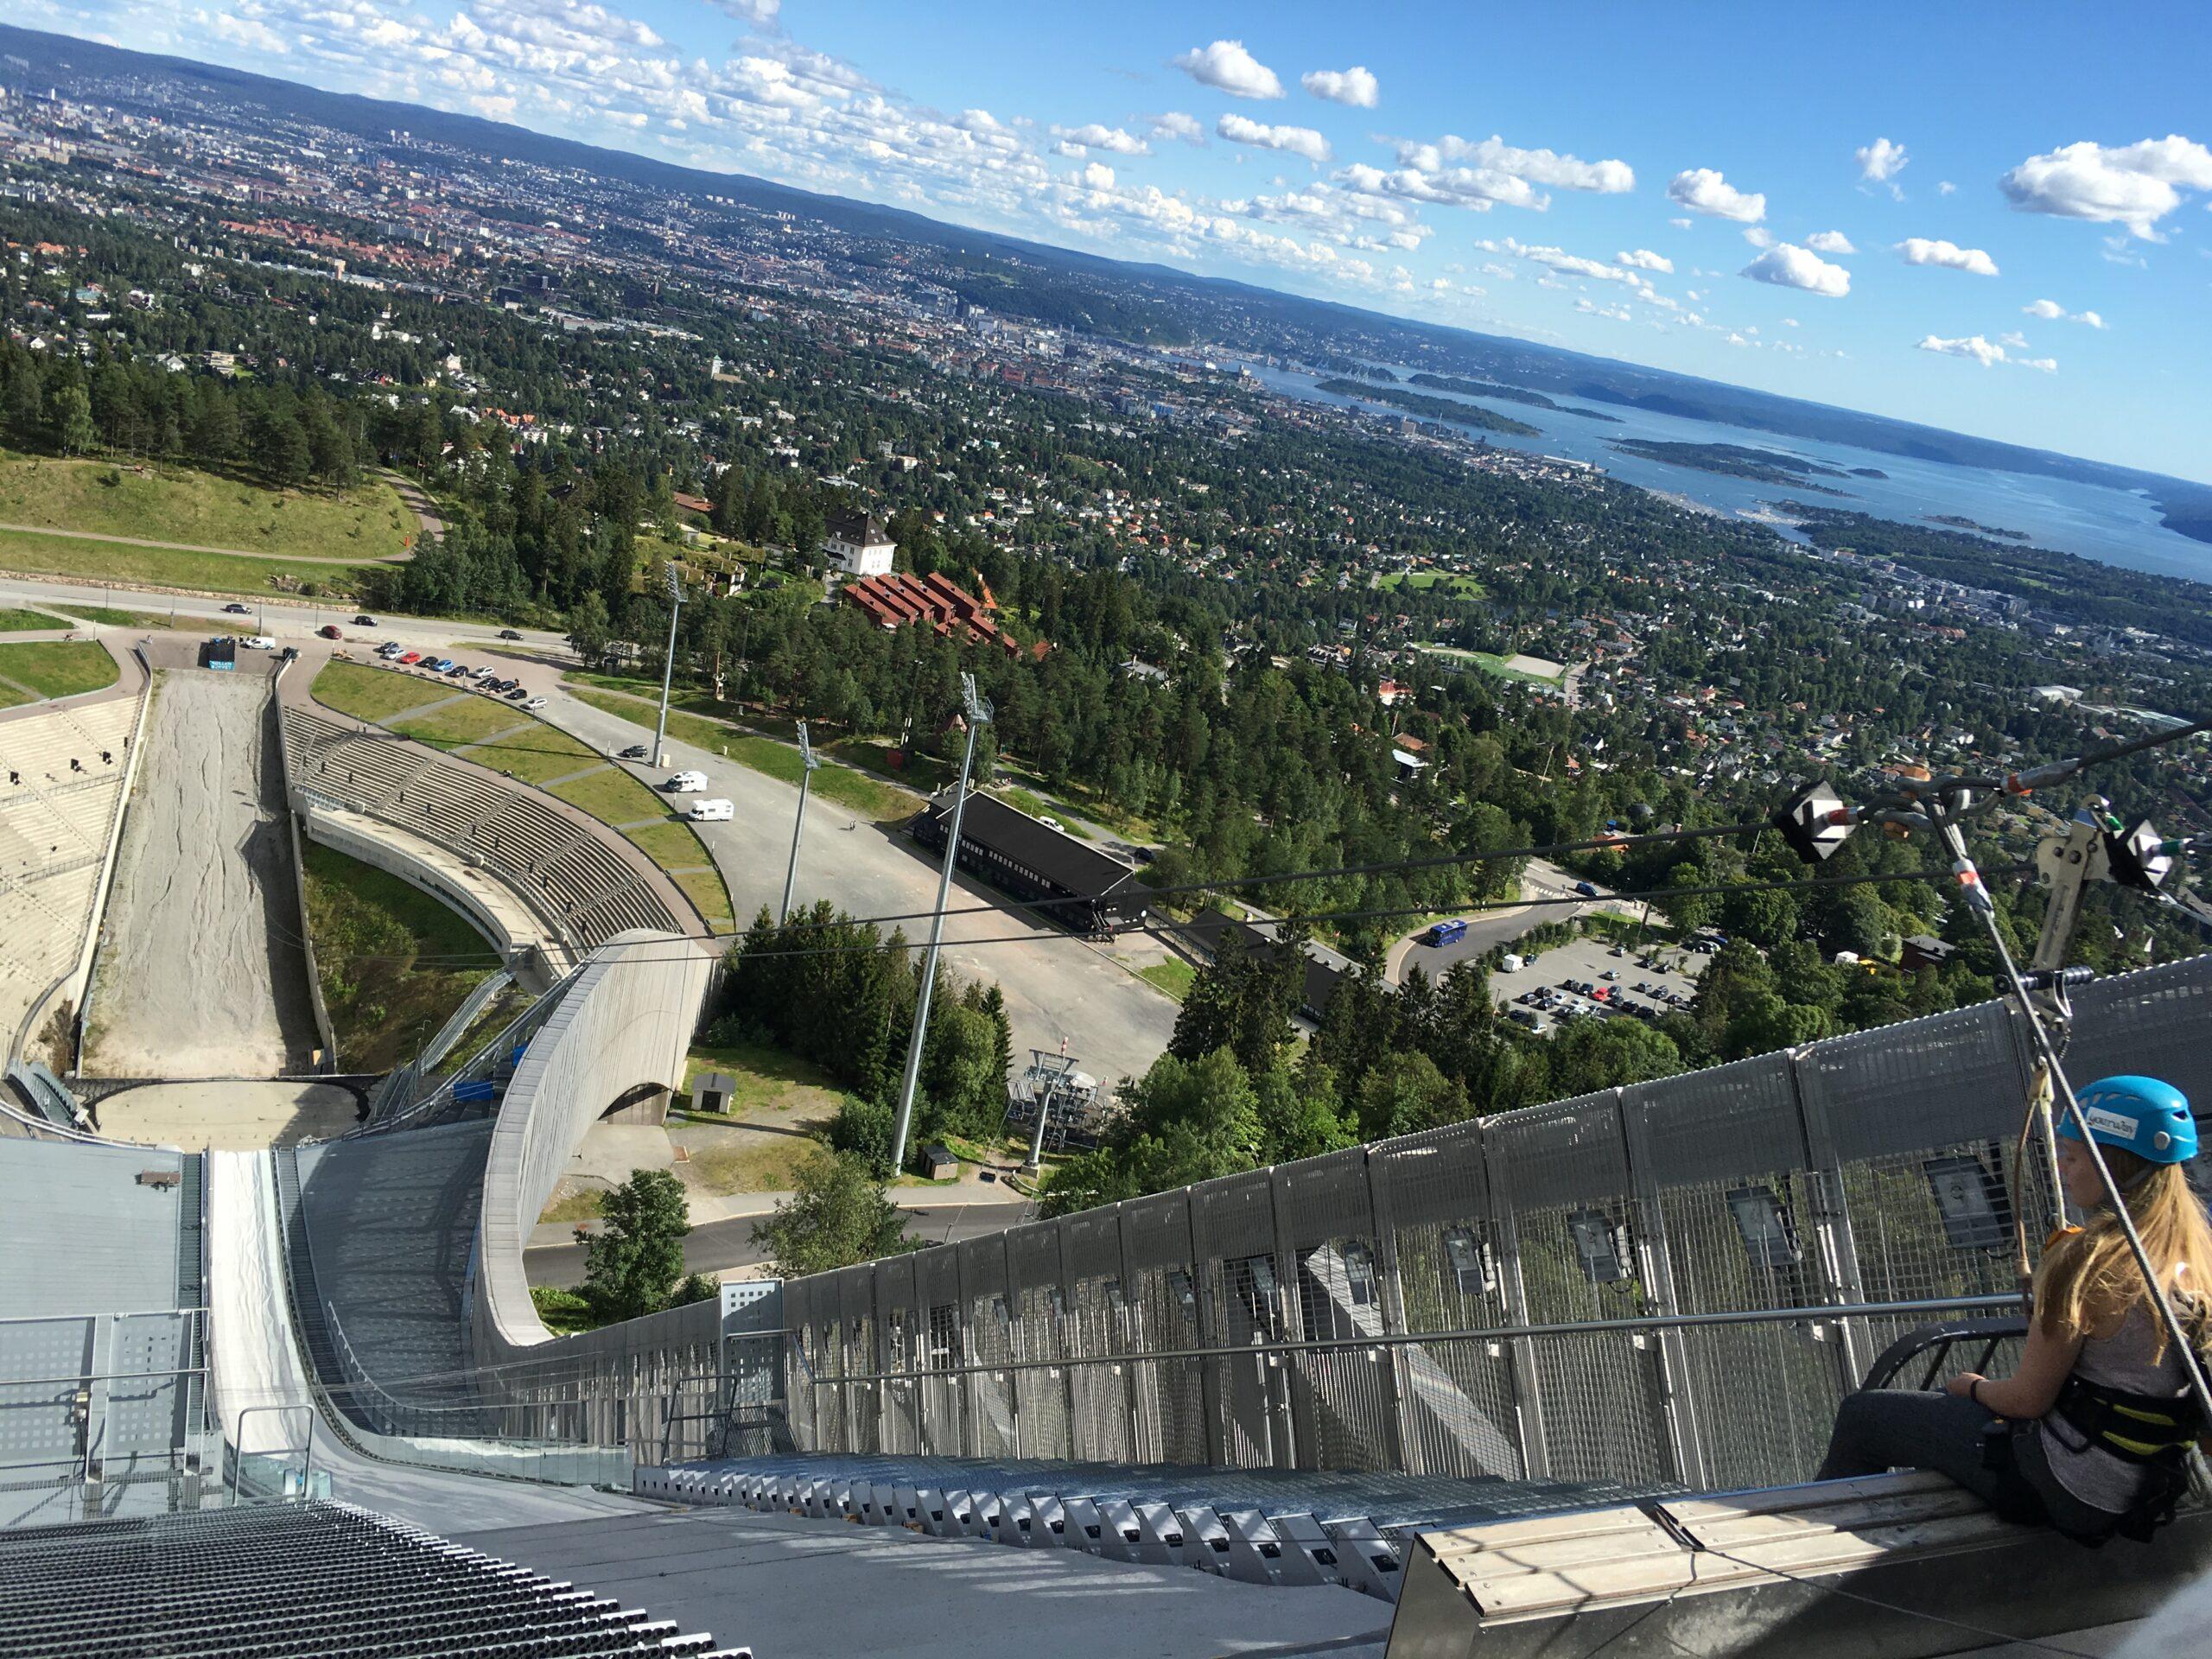 Oslo holmenkollen ski area